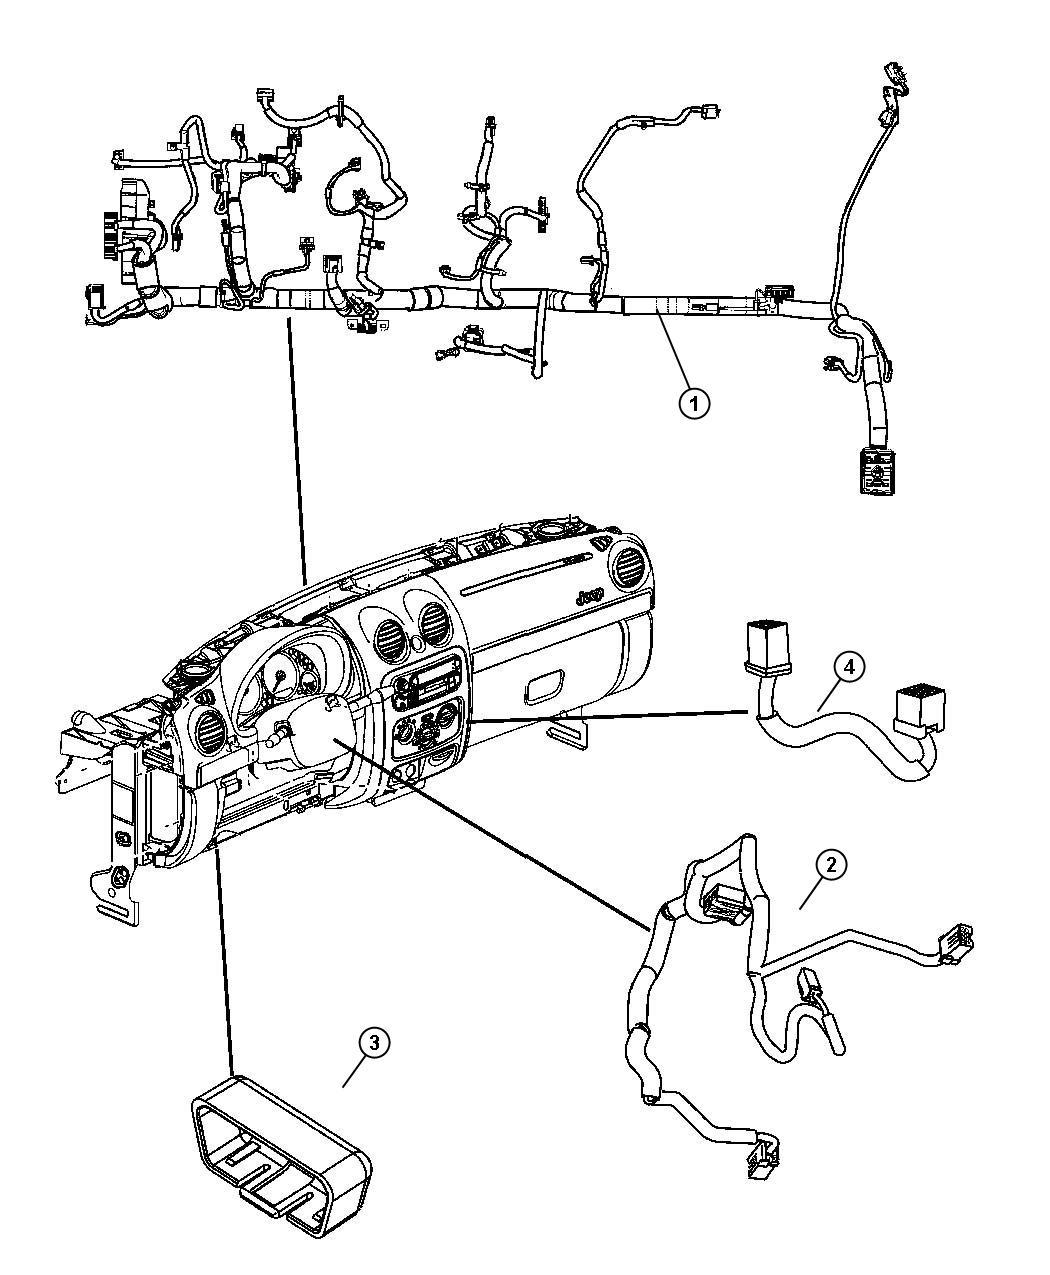 Jeep Liberty Wiring. Steering wheel. [steering wheel